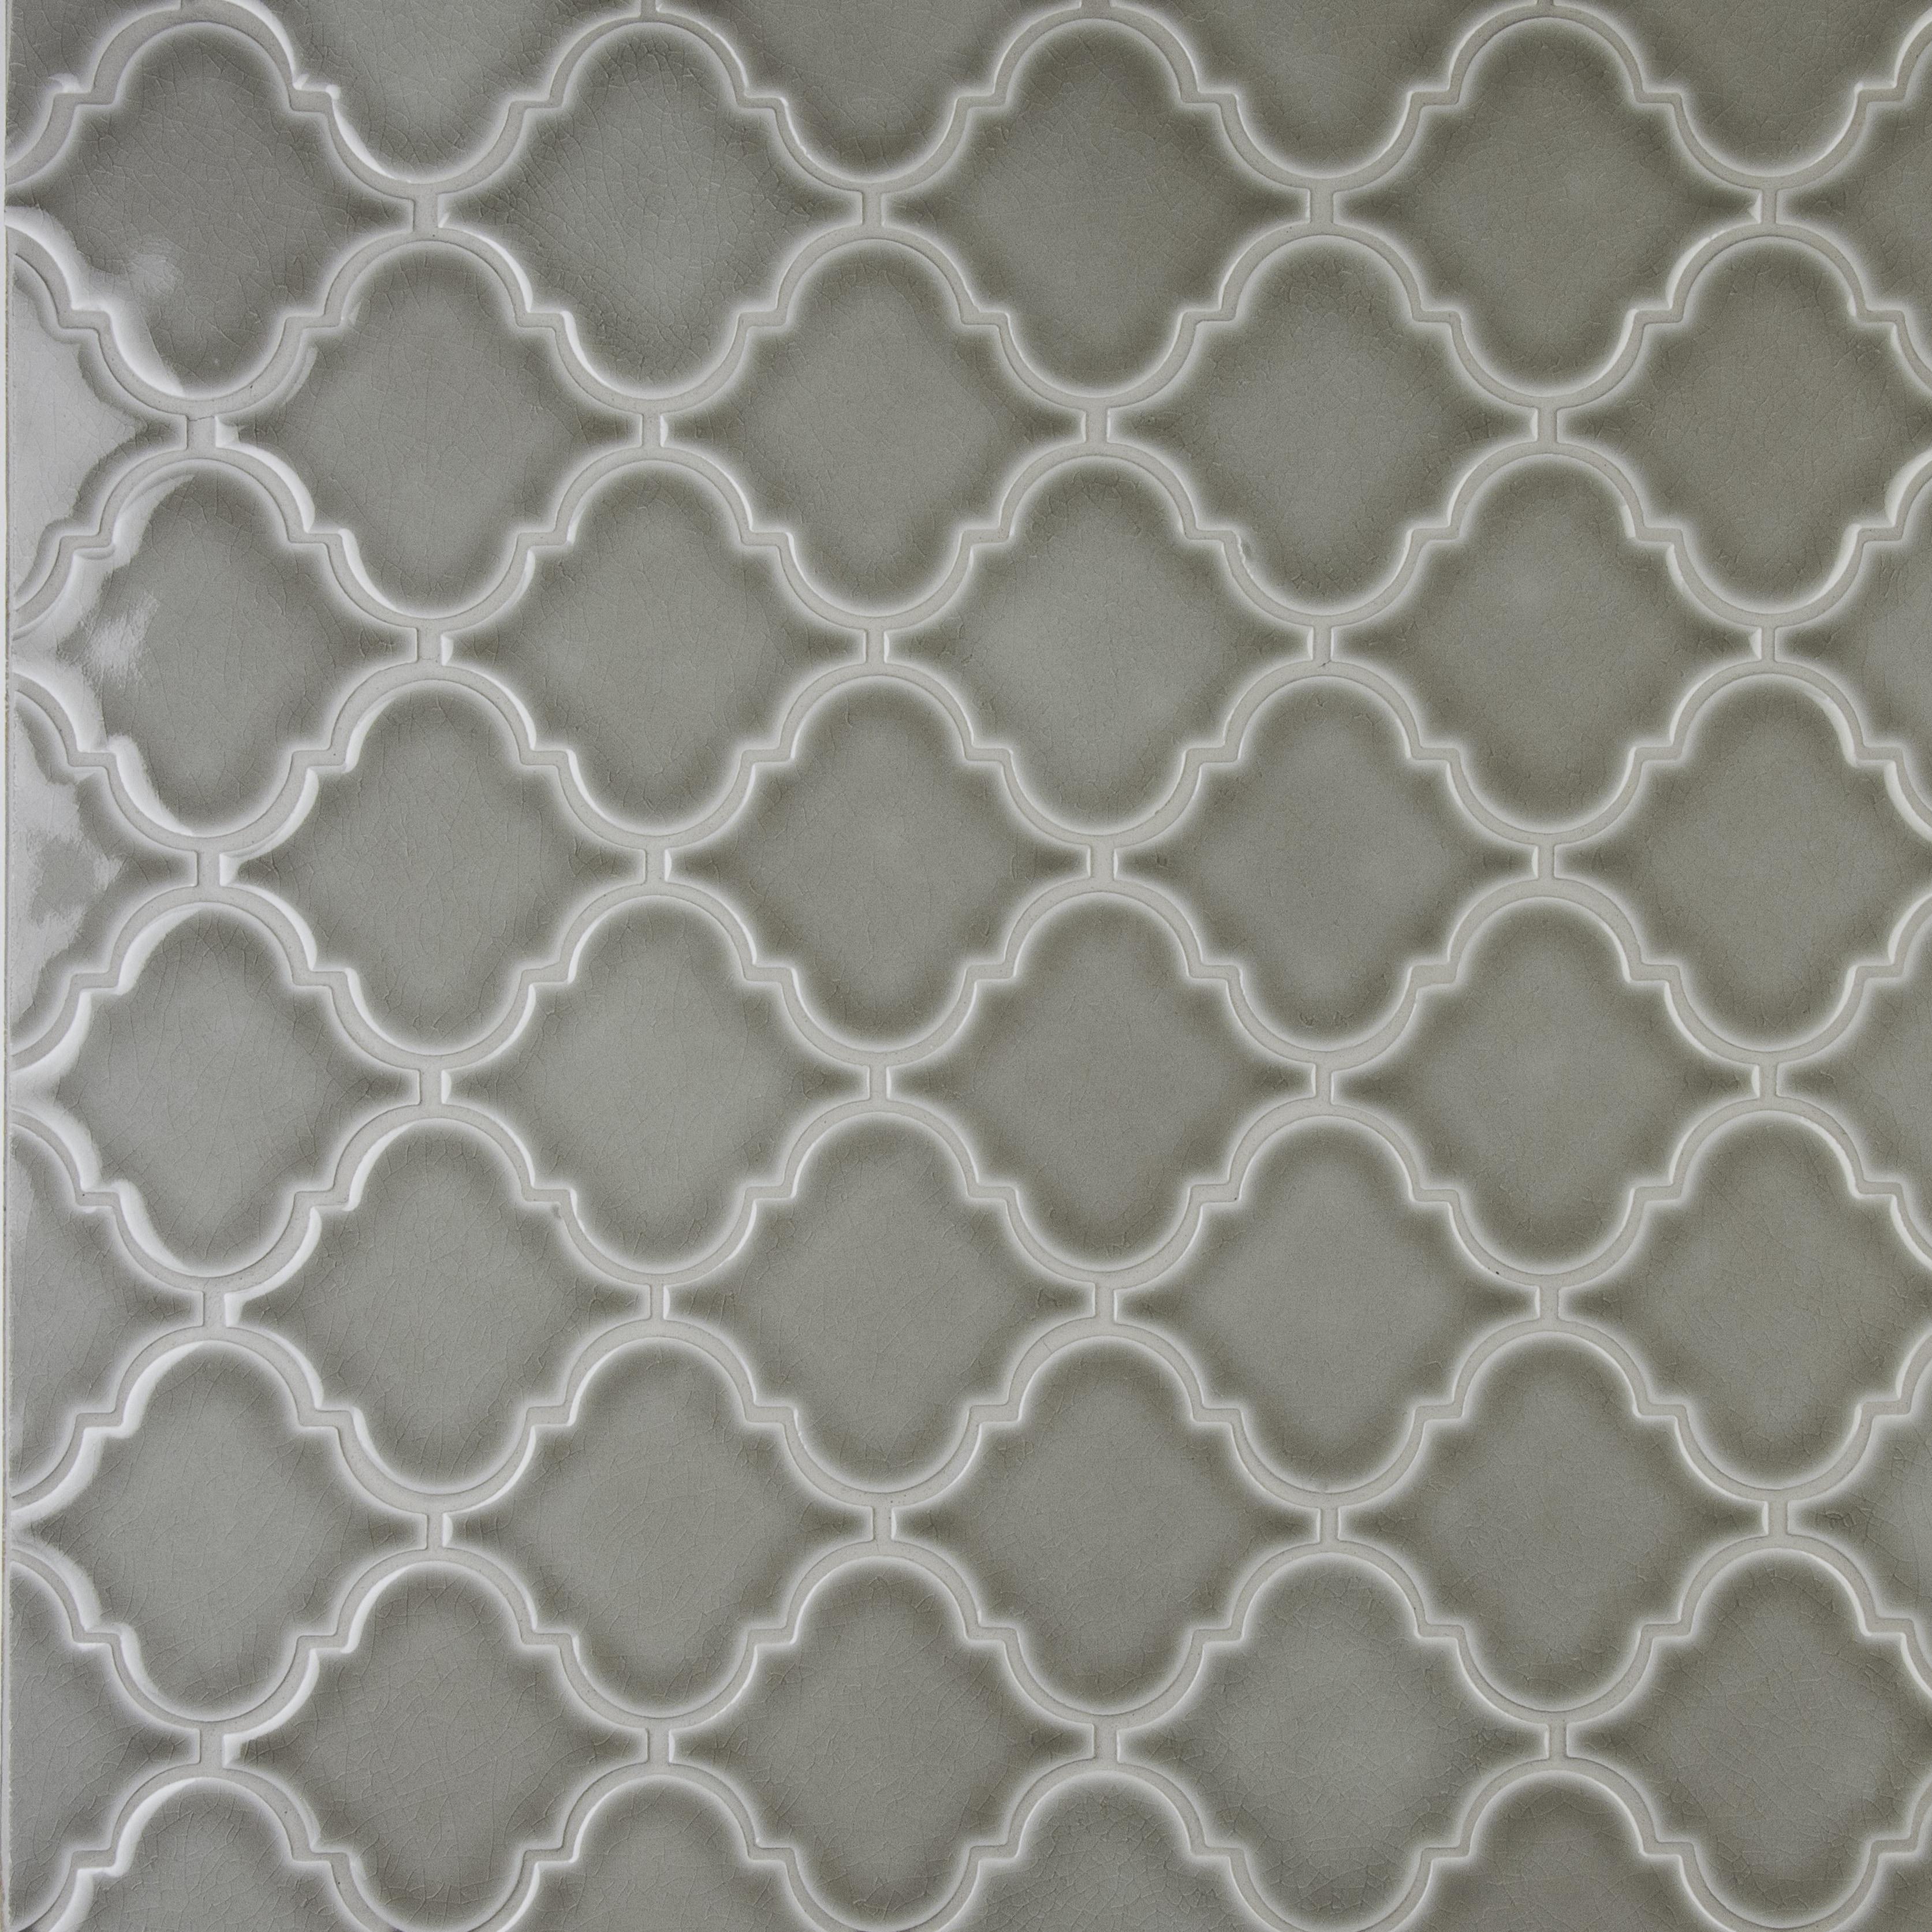 Arabesque 8mm / Pattern / Glossy Ceramic Tile - Dove Gray 0